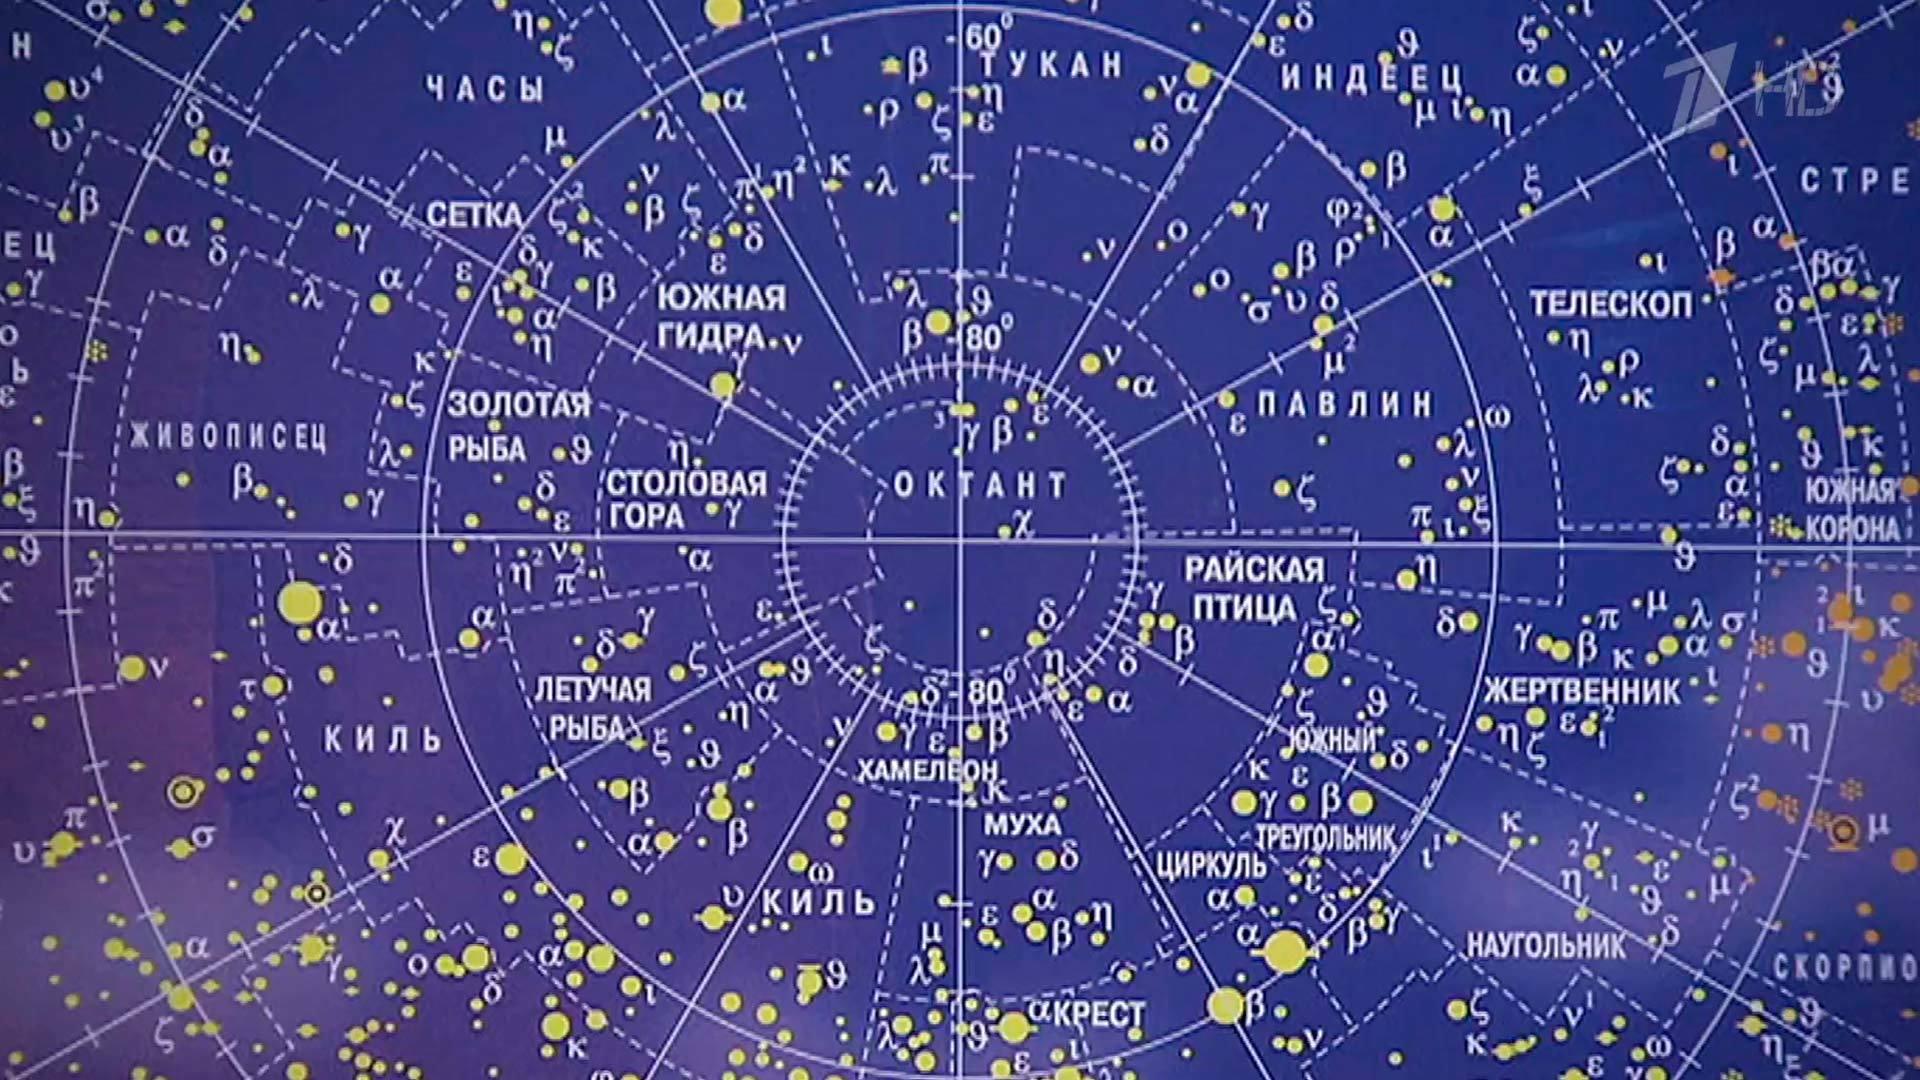 гороскоп первый канал прямой эфир